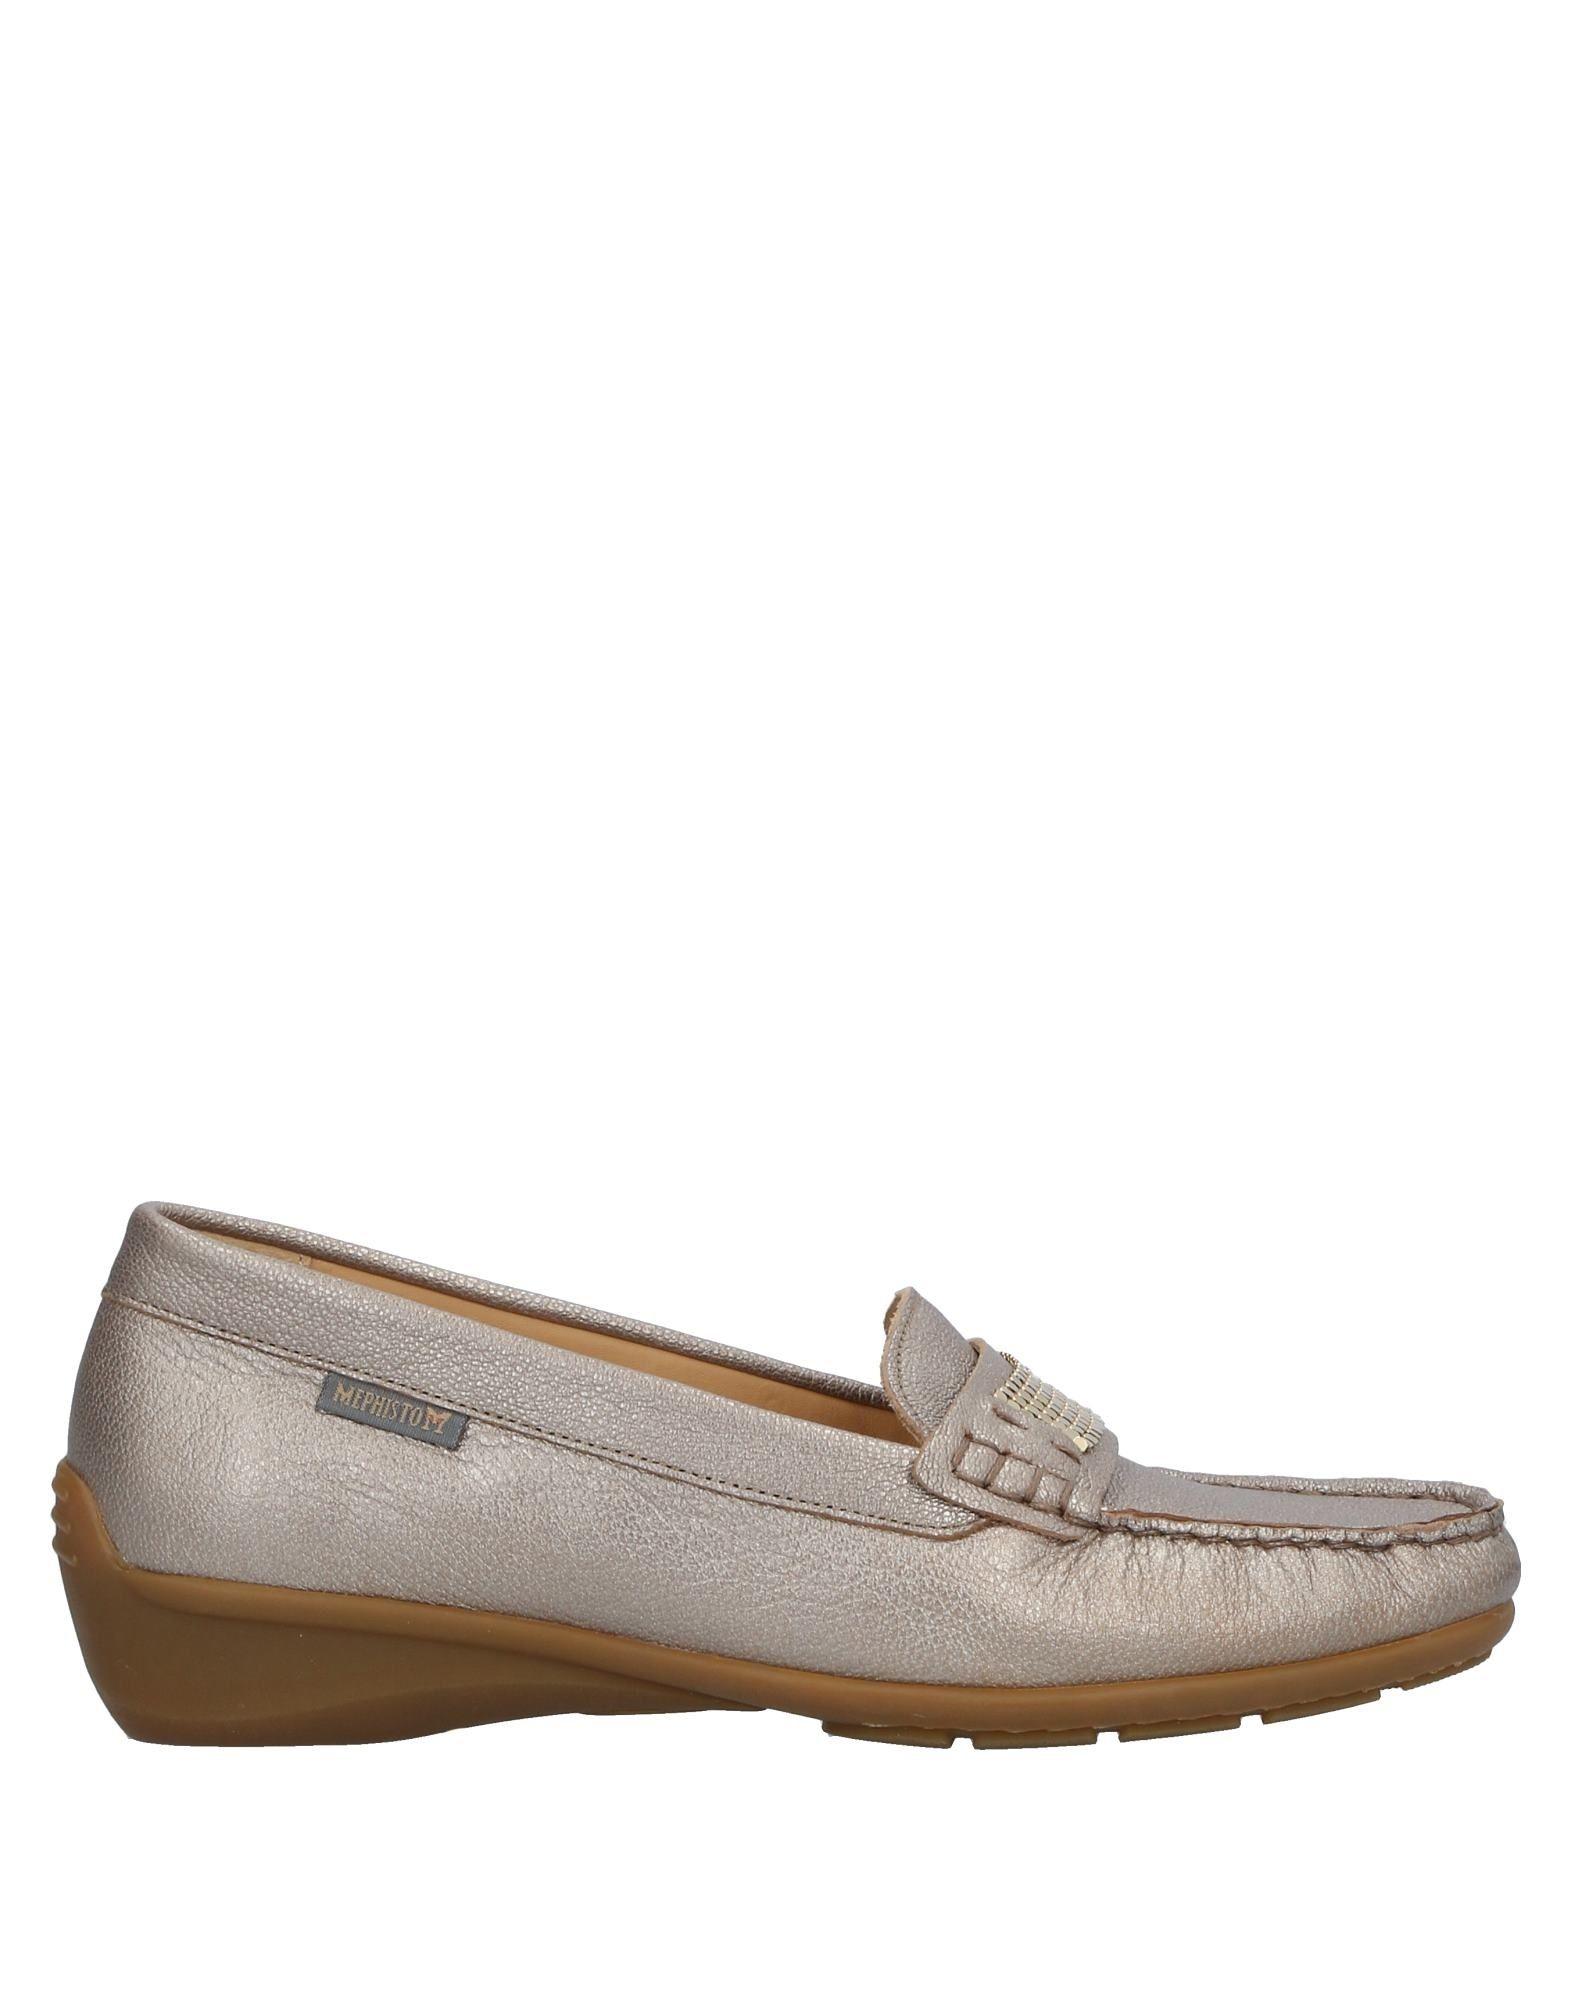 Mephisto Mokassins Damen  11536460LB Gute Qualität beliebte Schuhe